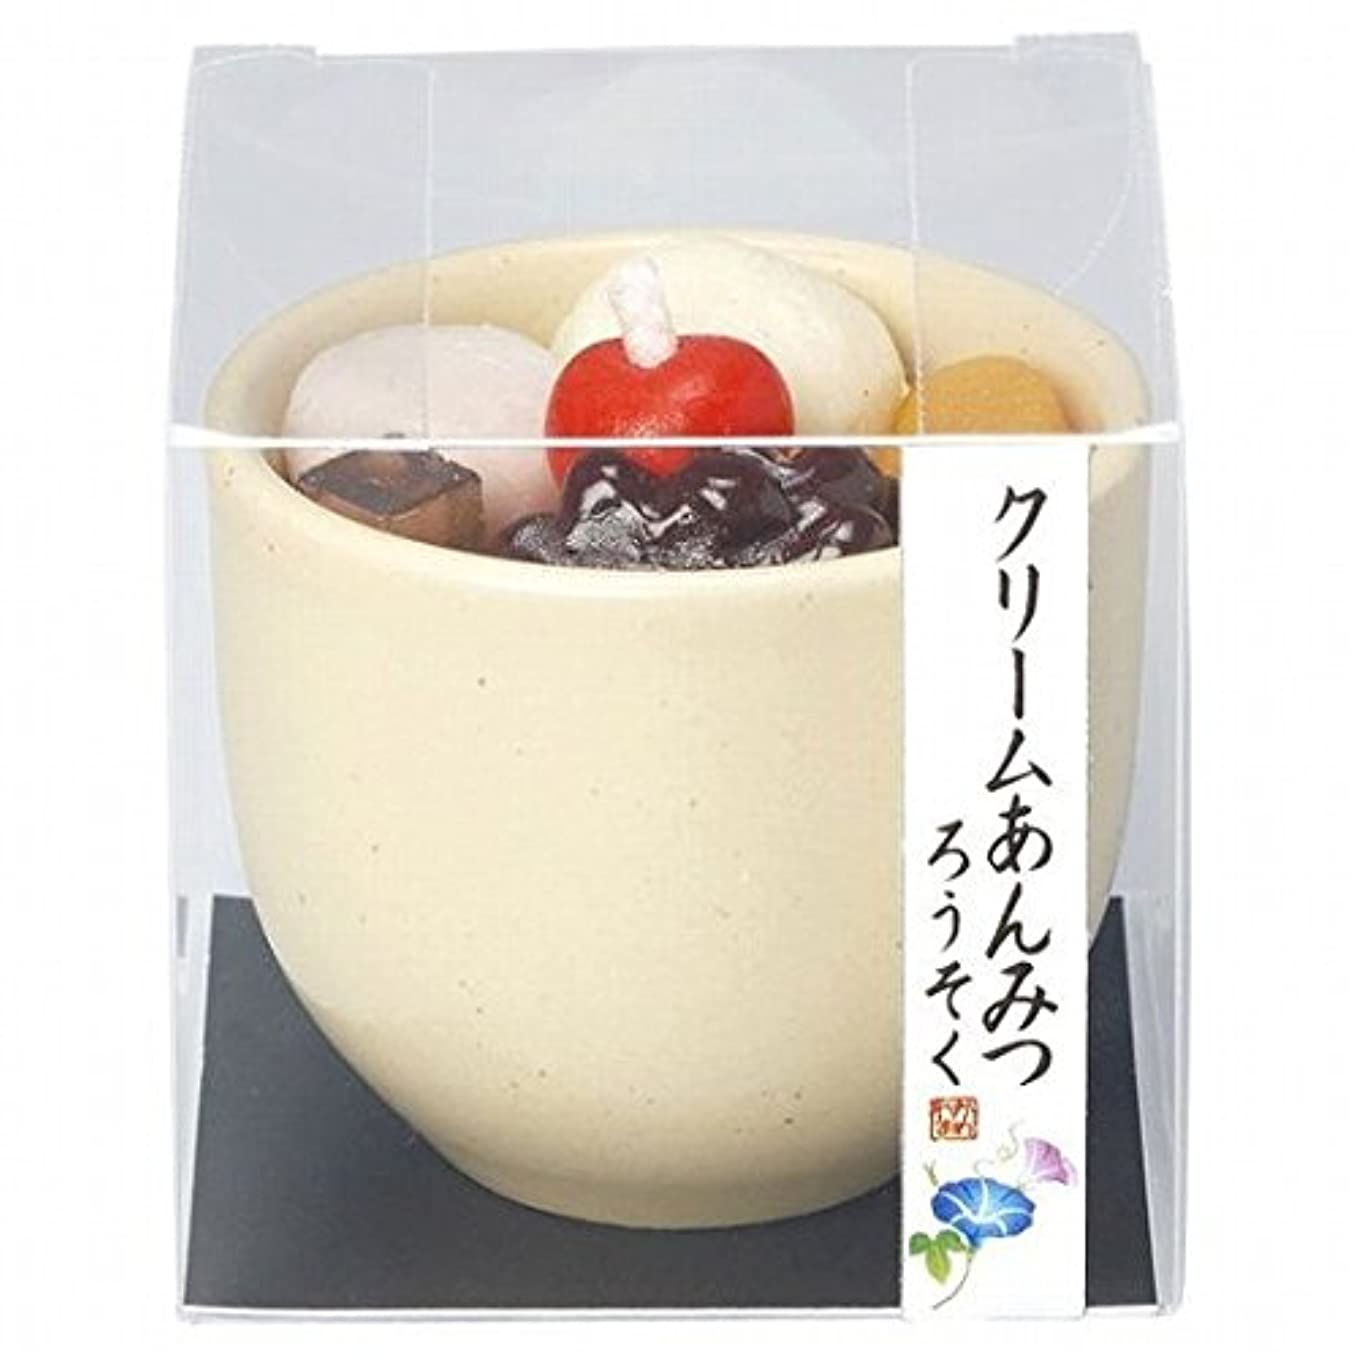 コイン会計製油所kameyama candle(カメヤマキャンドル) クリームあんみつキャンドル(86220000)